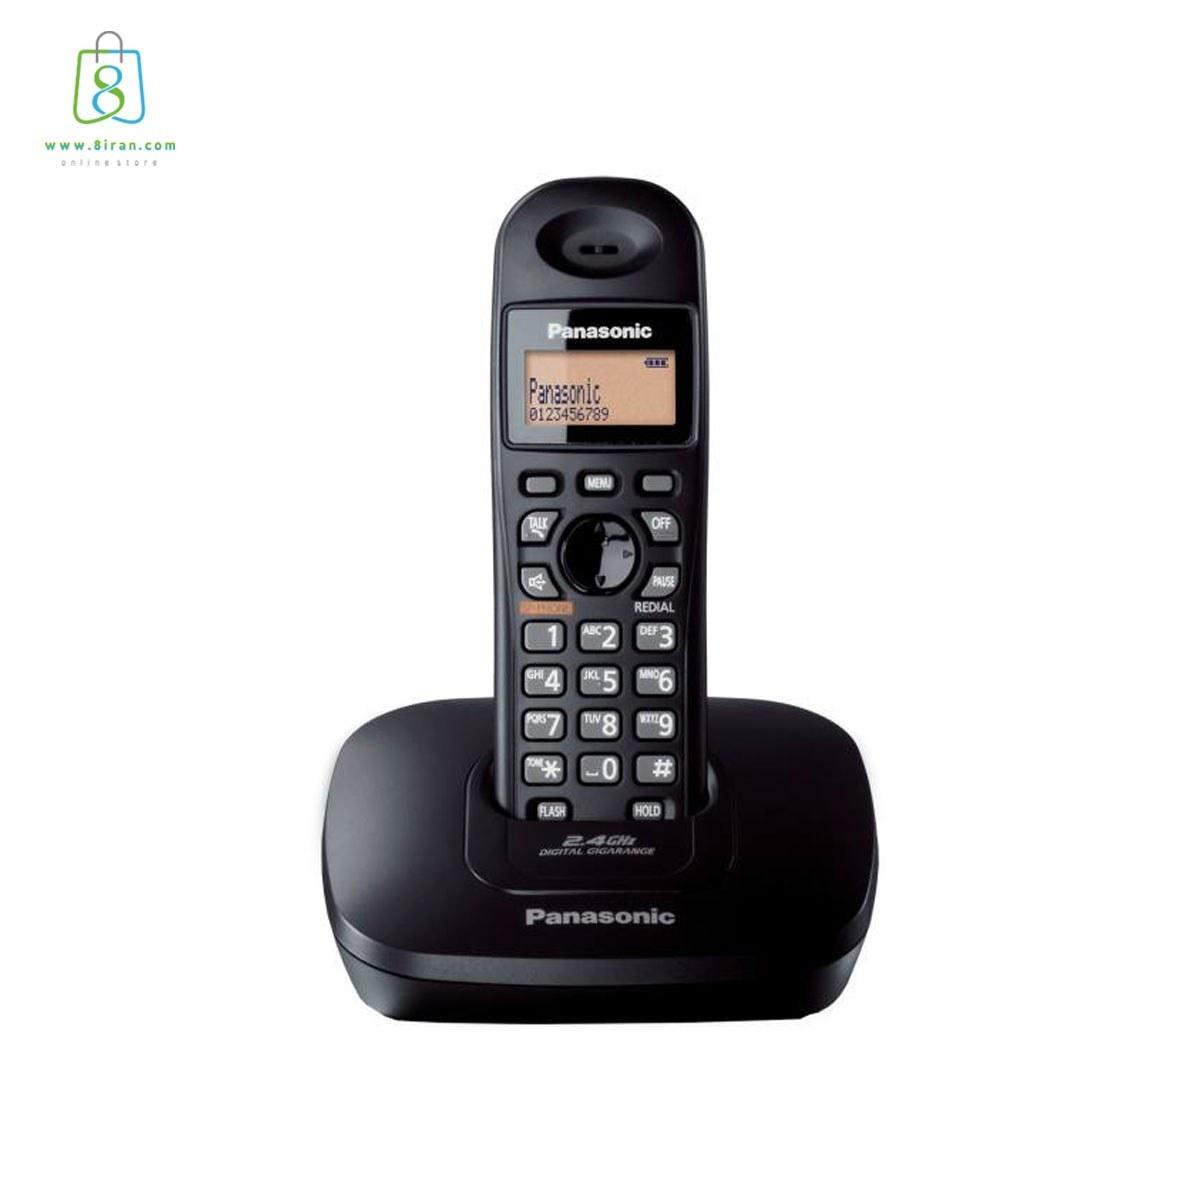 تصویر تلفن بی سیم پاناسونیک مدل KX-TG3611 ا panasonic KX-TG3611 panasonic KX-TG3611